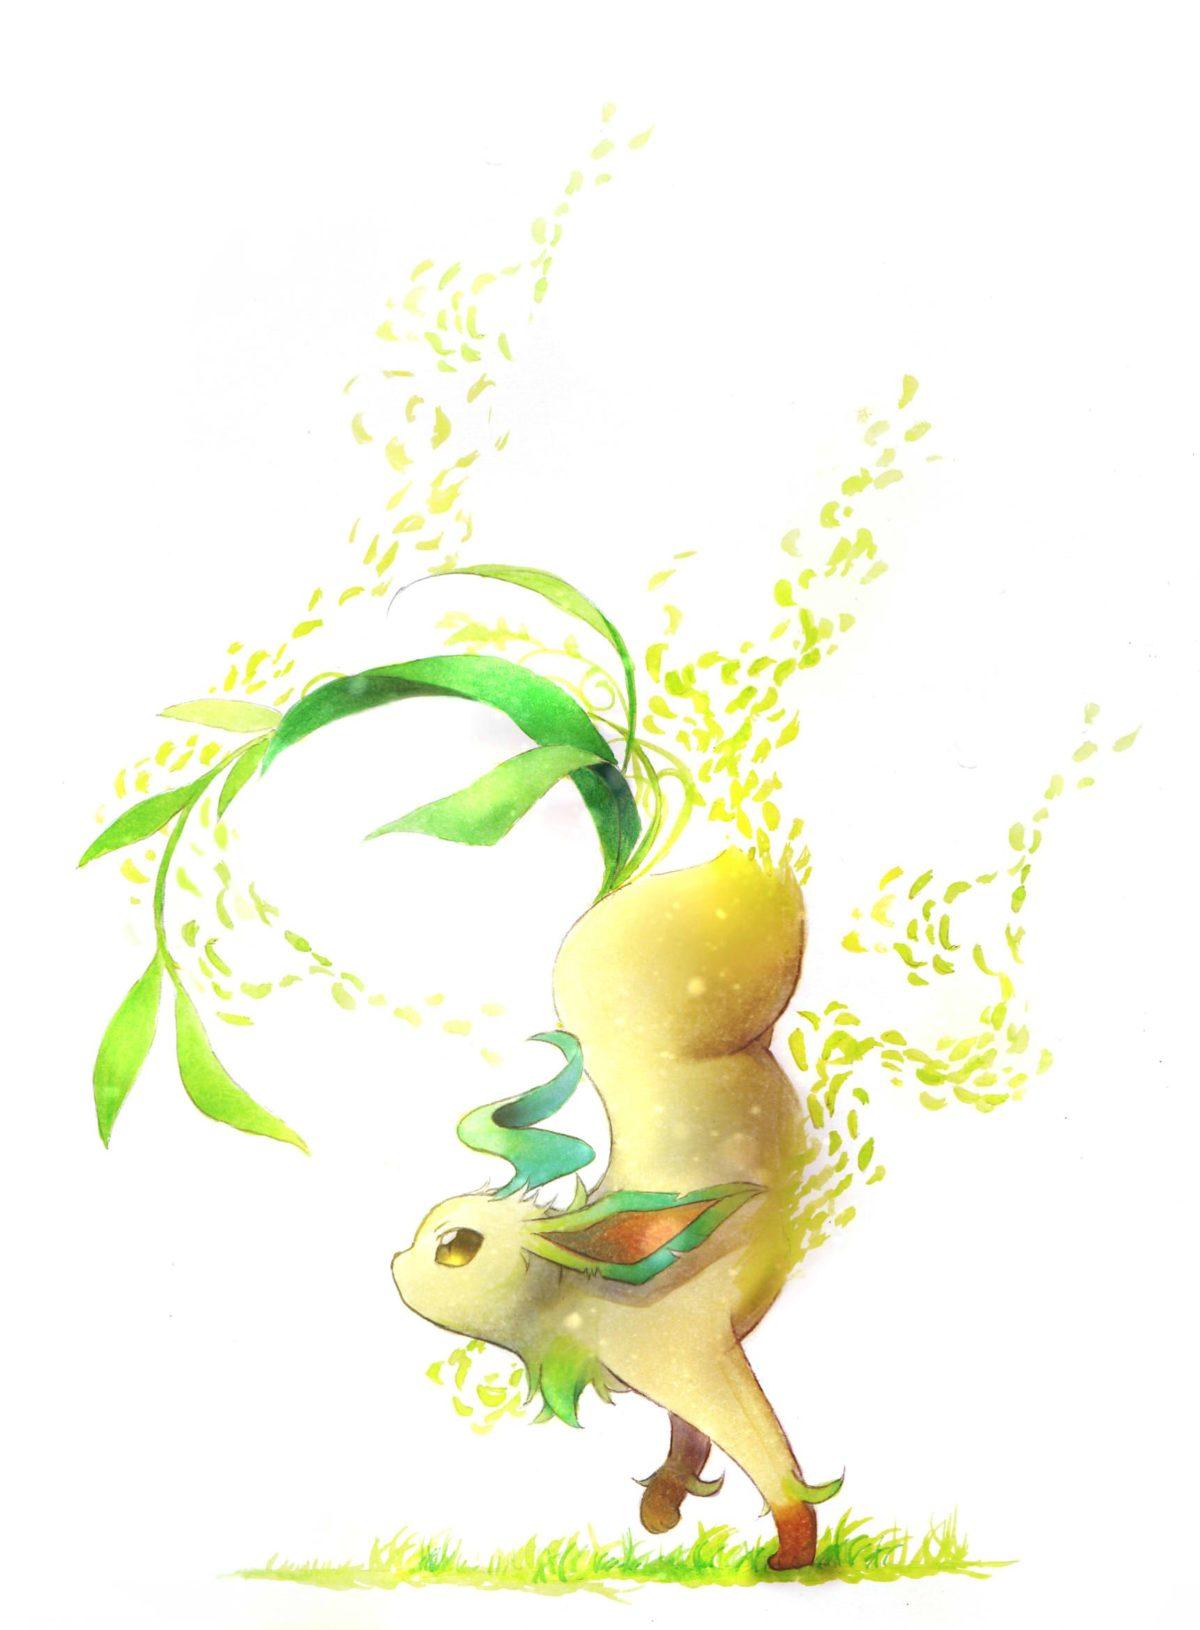 Leafeon – Pokémon – Mobile Wallpaper #2120321 – Zerochan Anime Image …